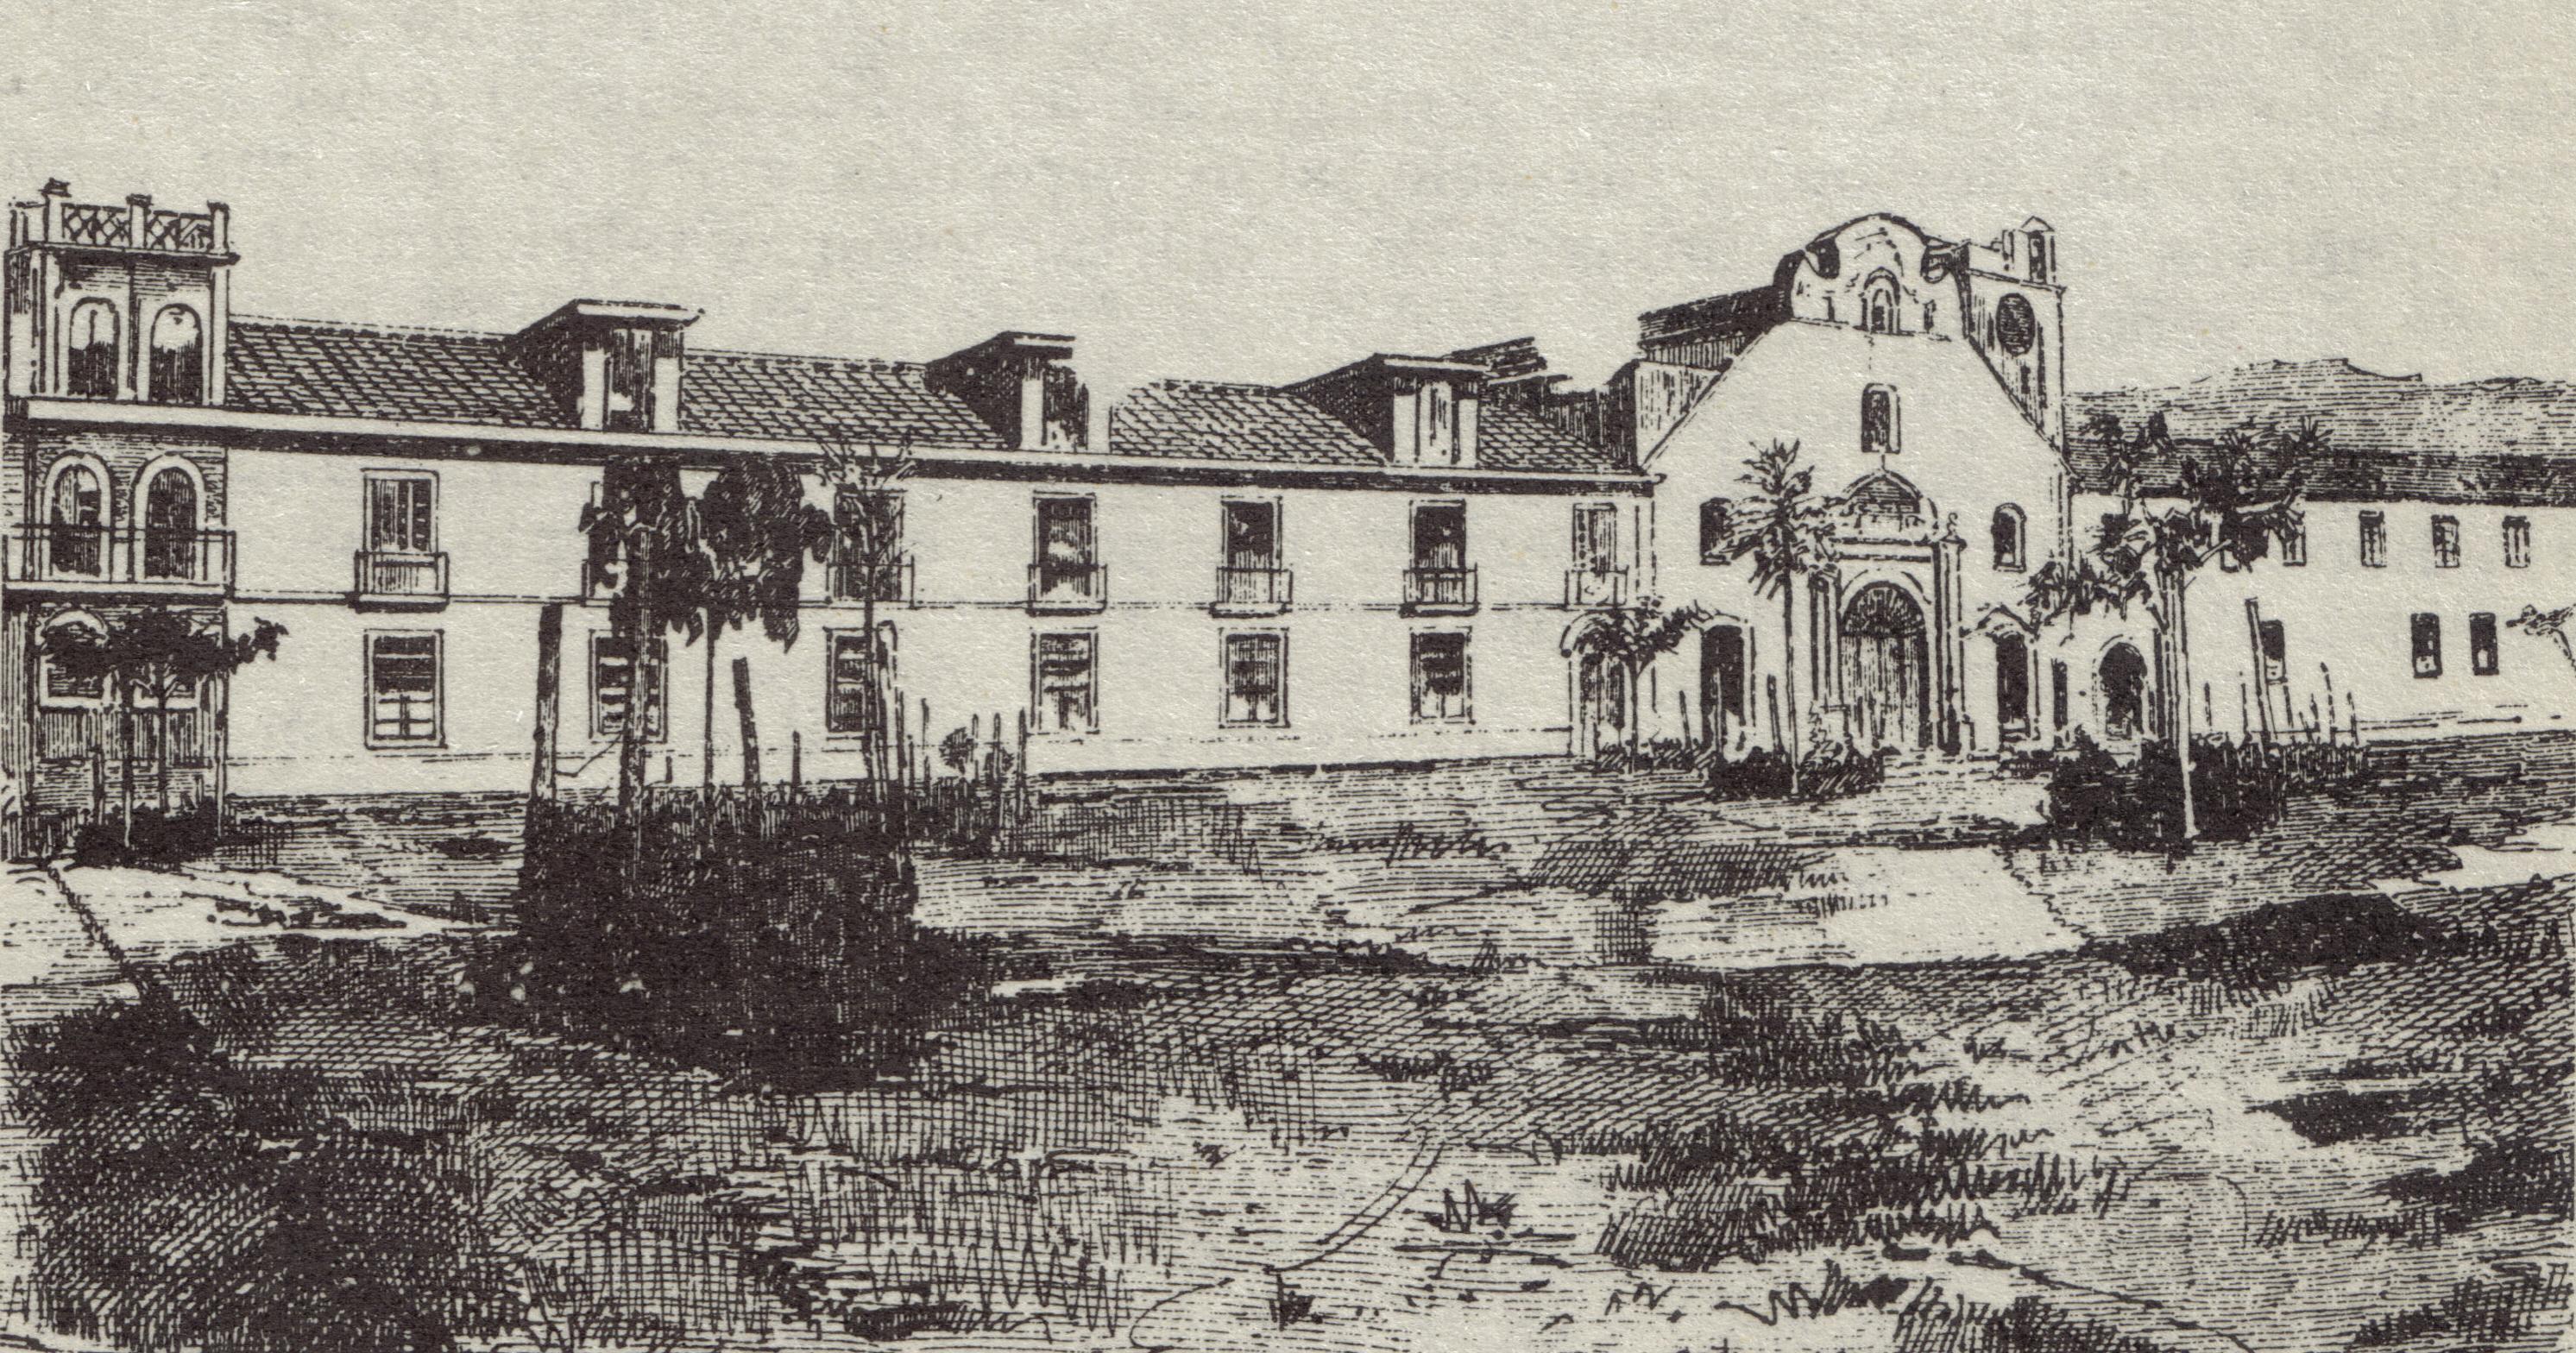 Universidad de Antioquia (izquierda) antes de la gran reforma. En el medio Iglesia de San Ignacio y al otro costado quedaba el colegio de San Ignacio.